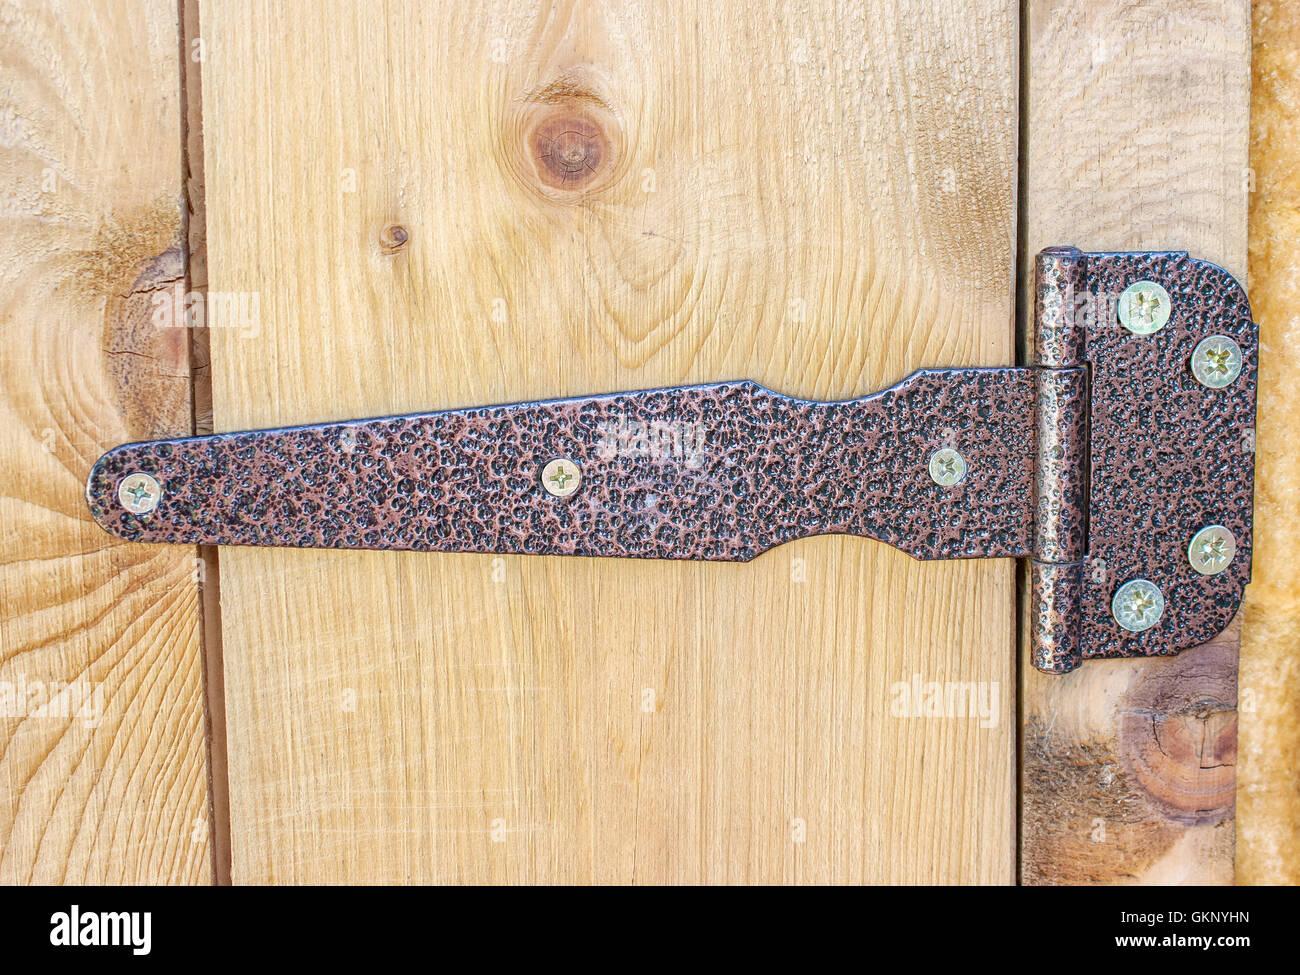 metall braun scharnier auf einer hölzernen tür-nahaufnahme stockfoto